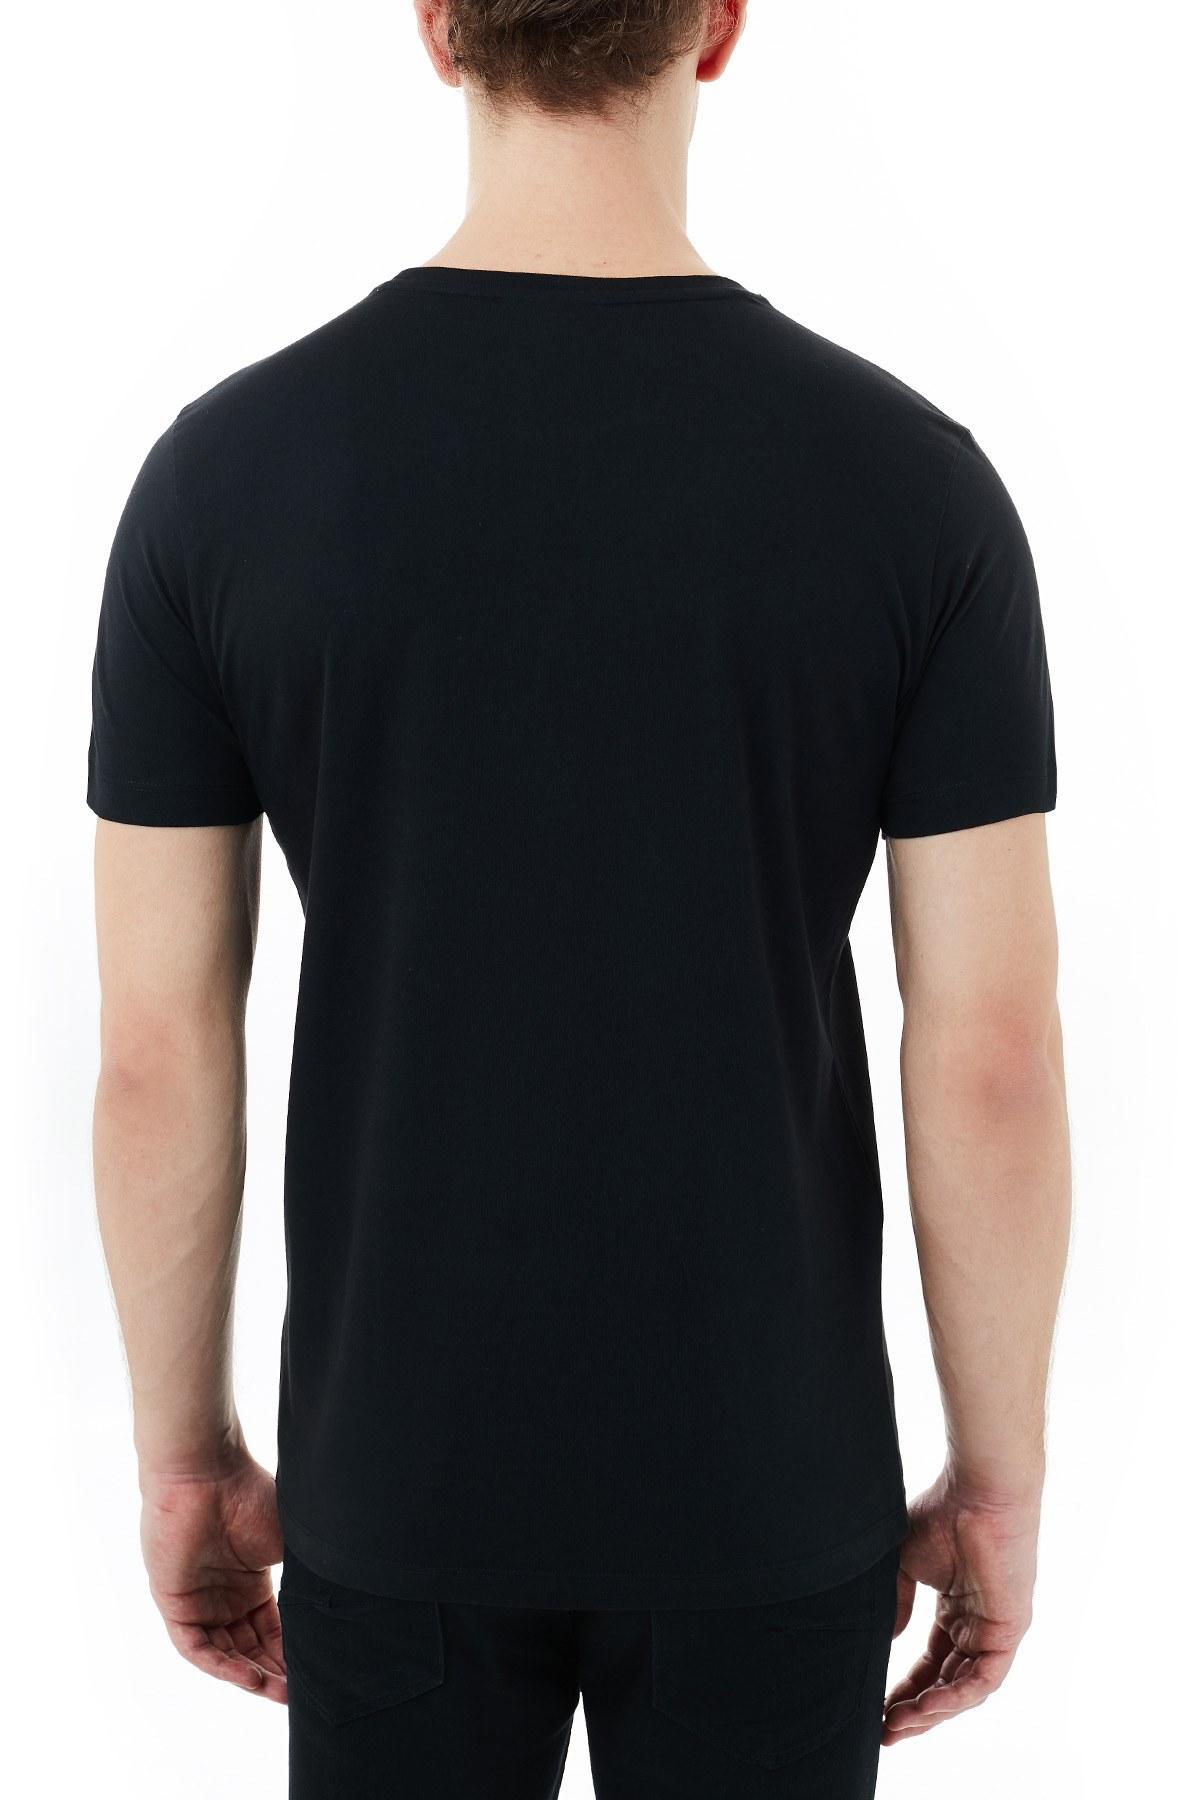 Lacoste Baskılı Bisiklet Yaka % 100 Pamuk Erkek T Shirt TH1868 031 SİYAH